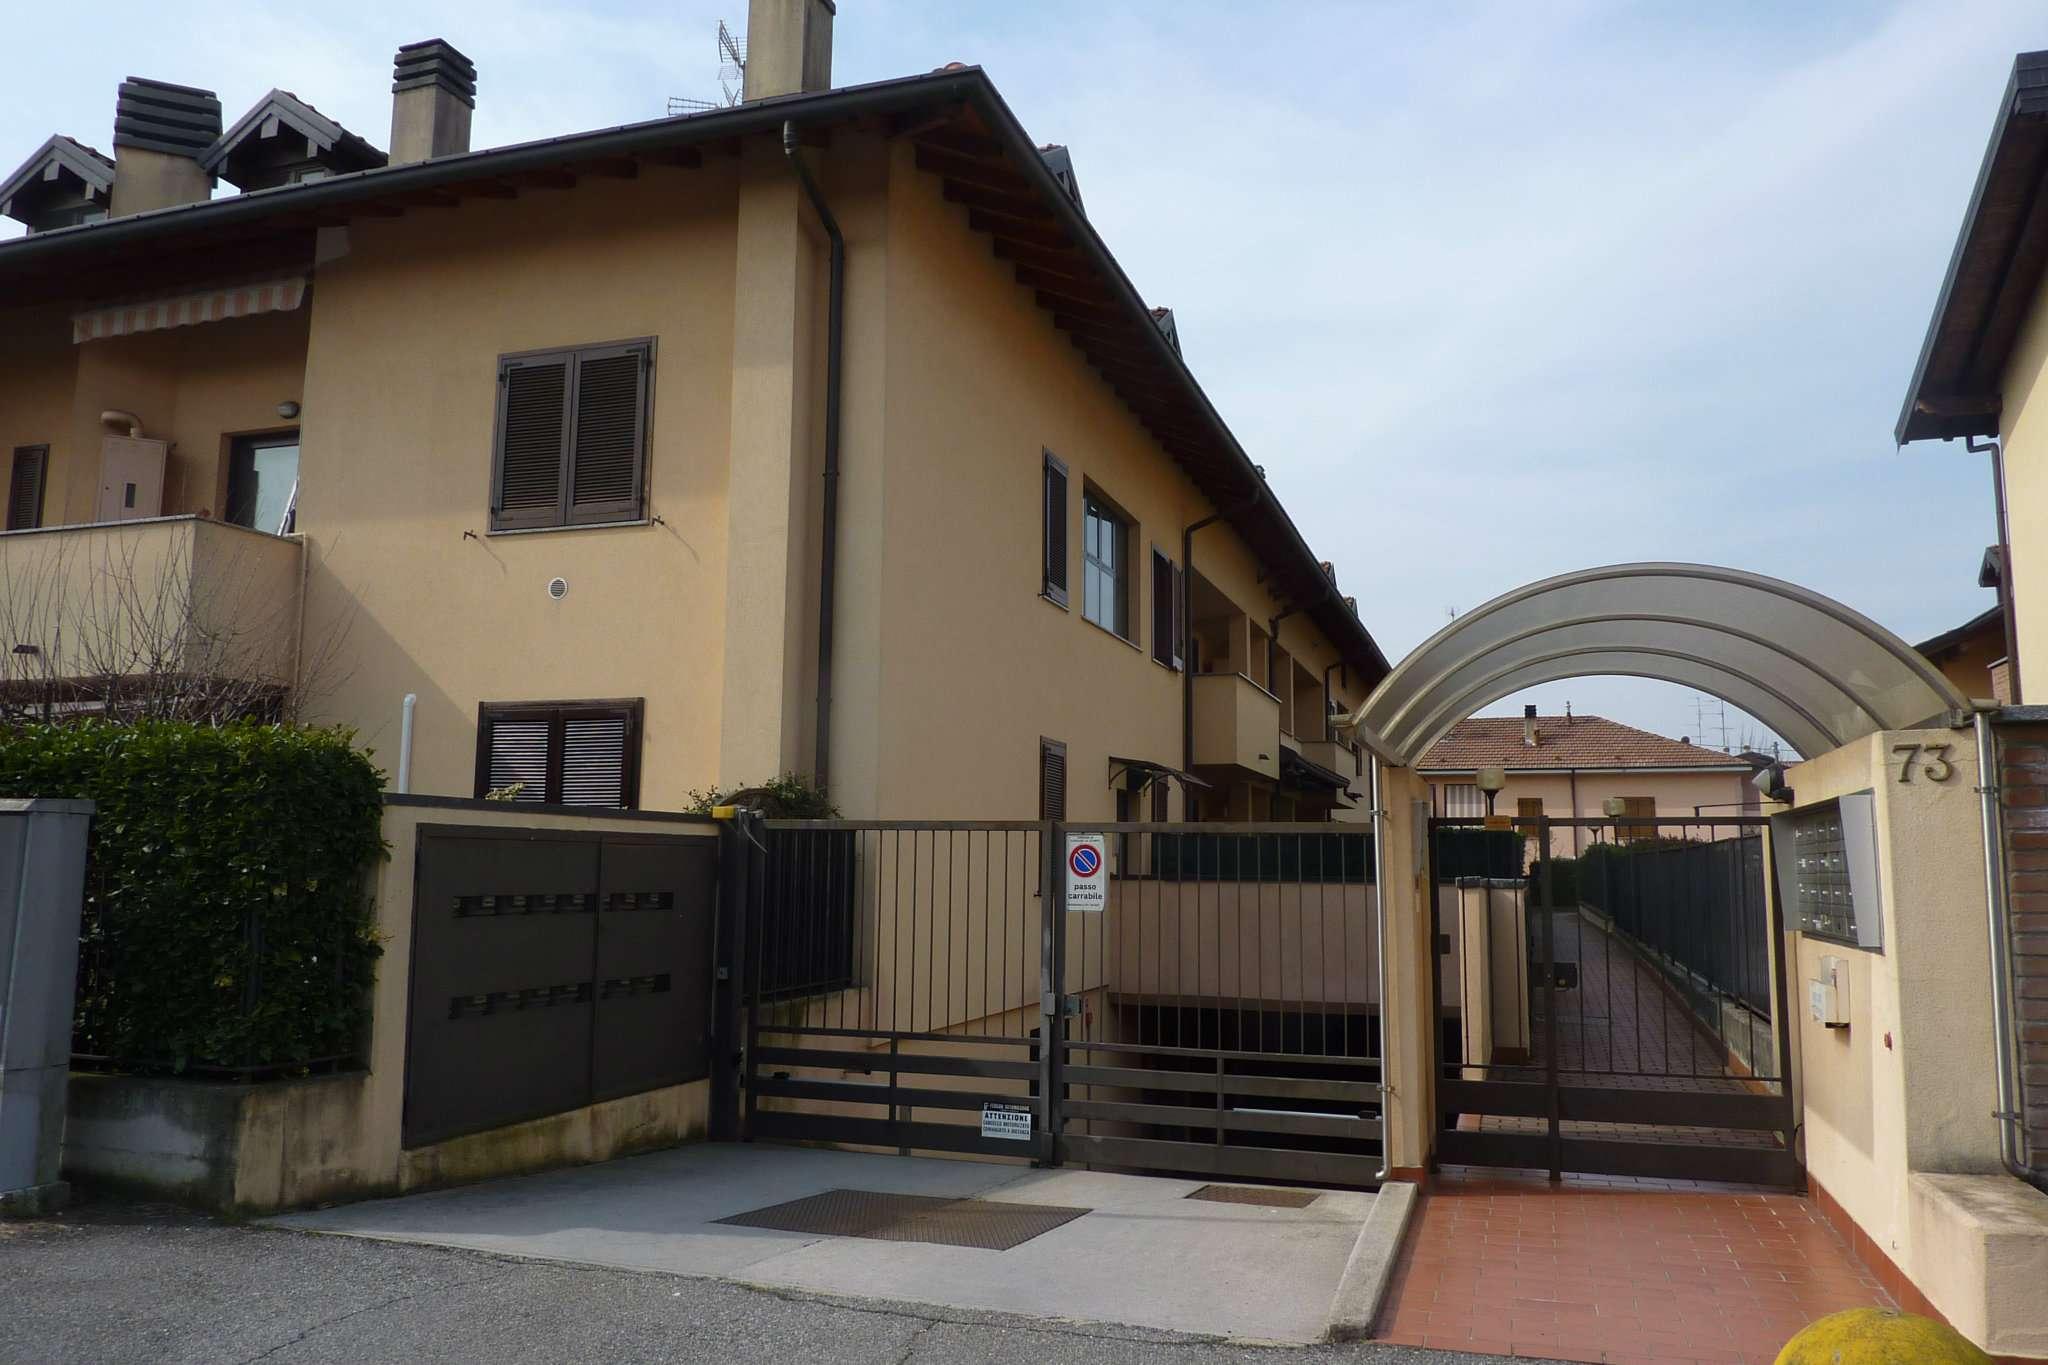 Appartamento in affitto a Cardano al Campo, 2 locali, prezzo € 500 | Cambio Casa.it